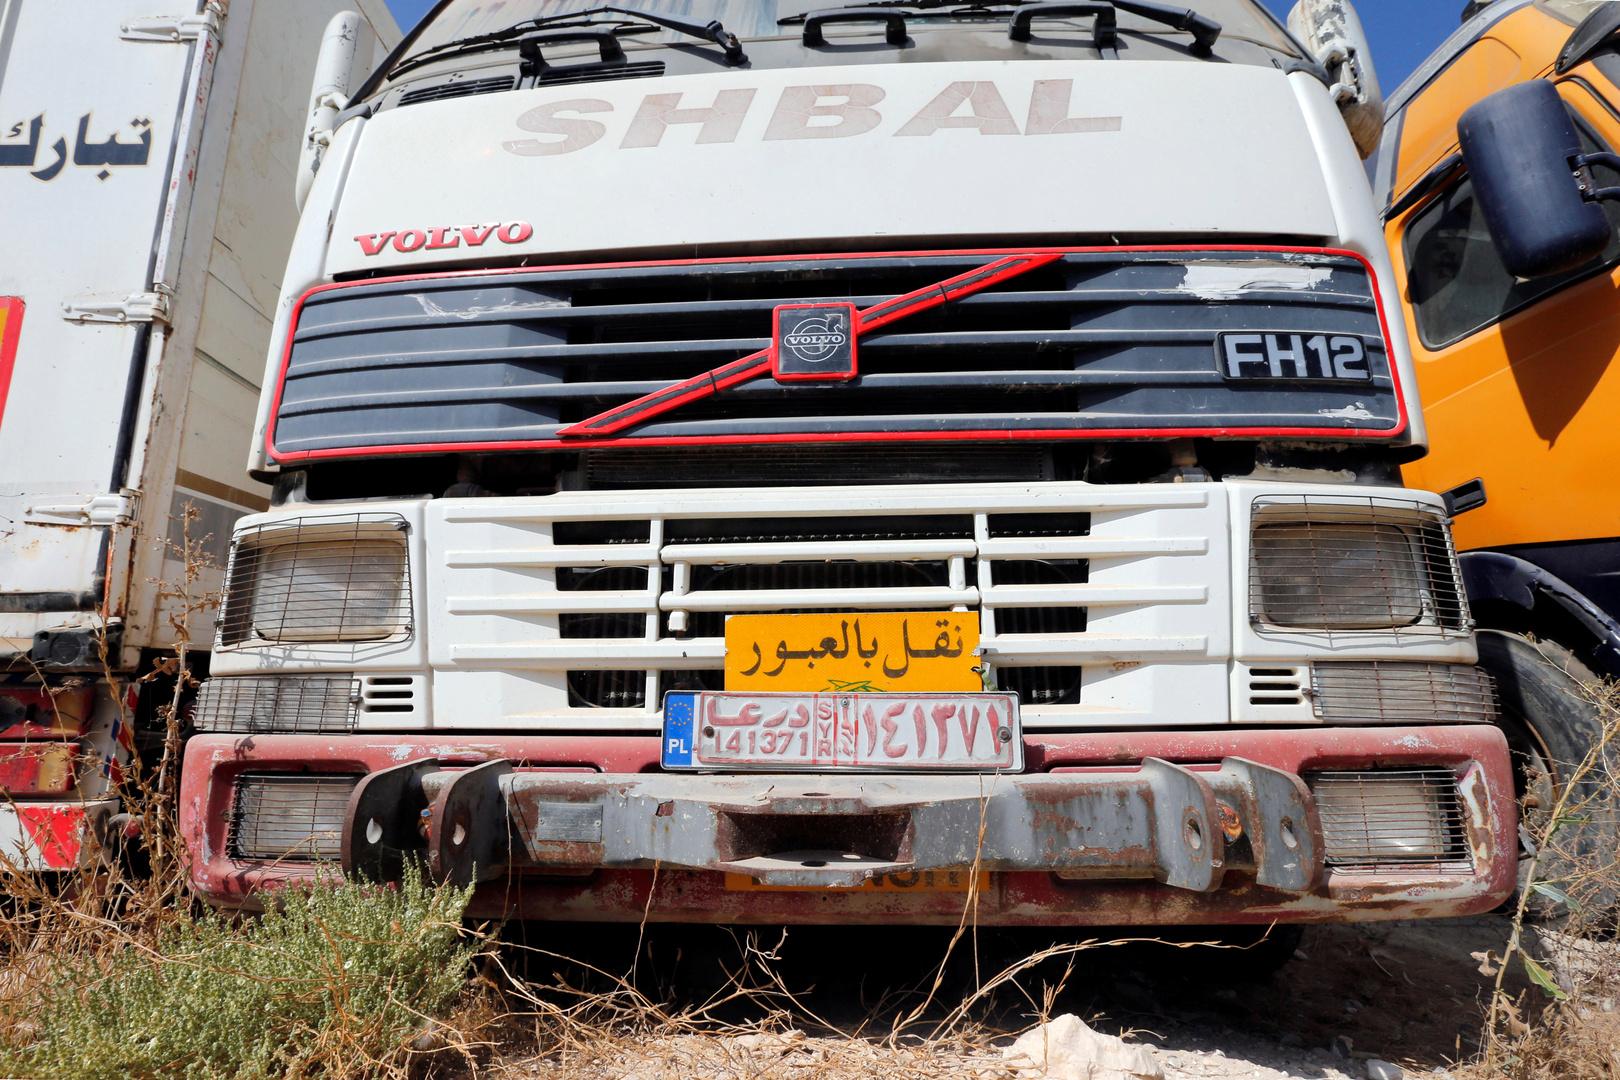 حل مشكلة الشاحنات السورية العالقة على الحدود الأردنية